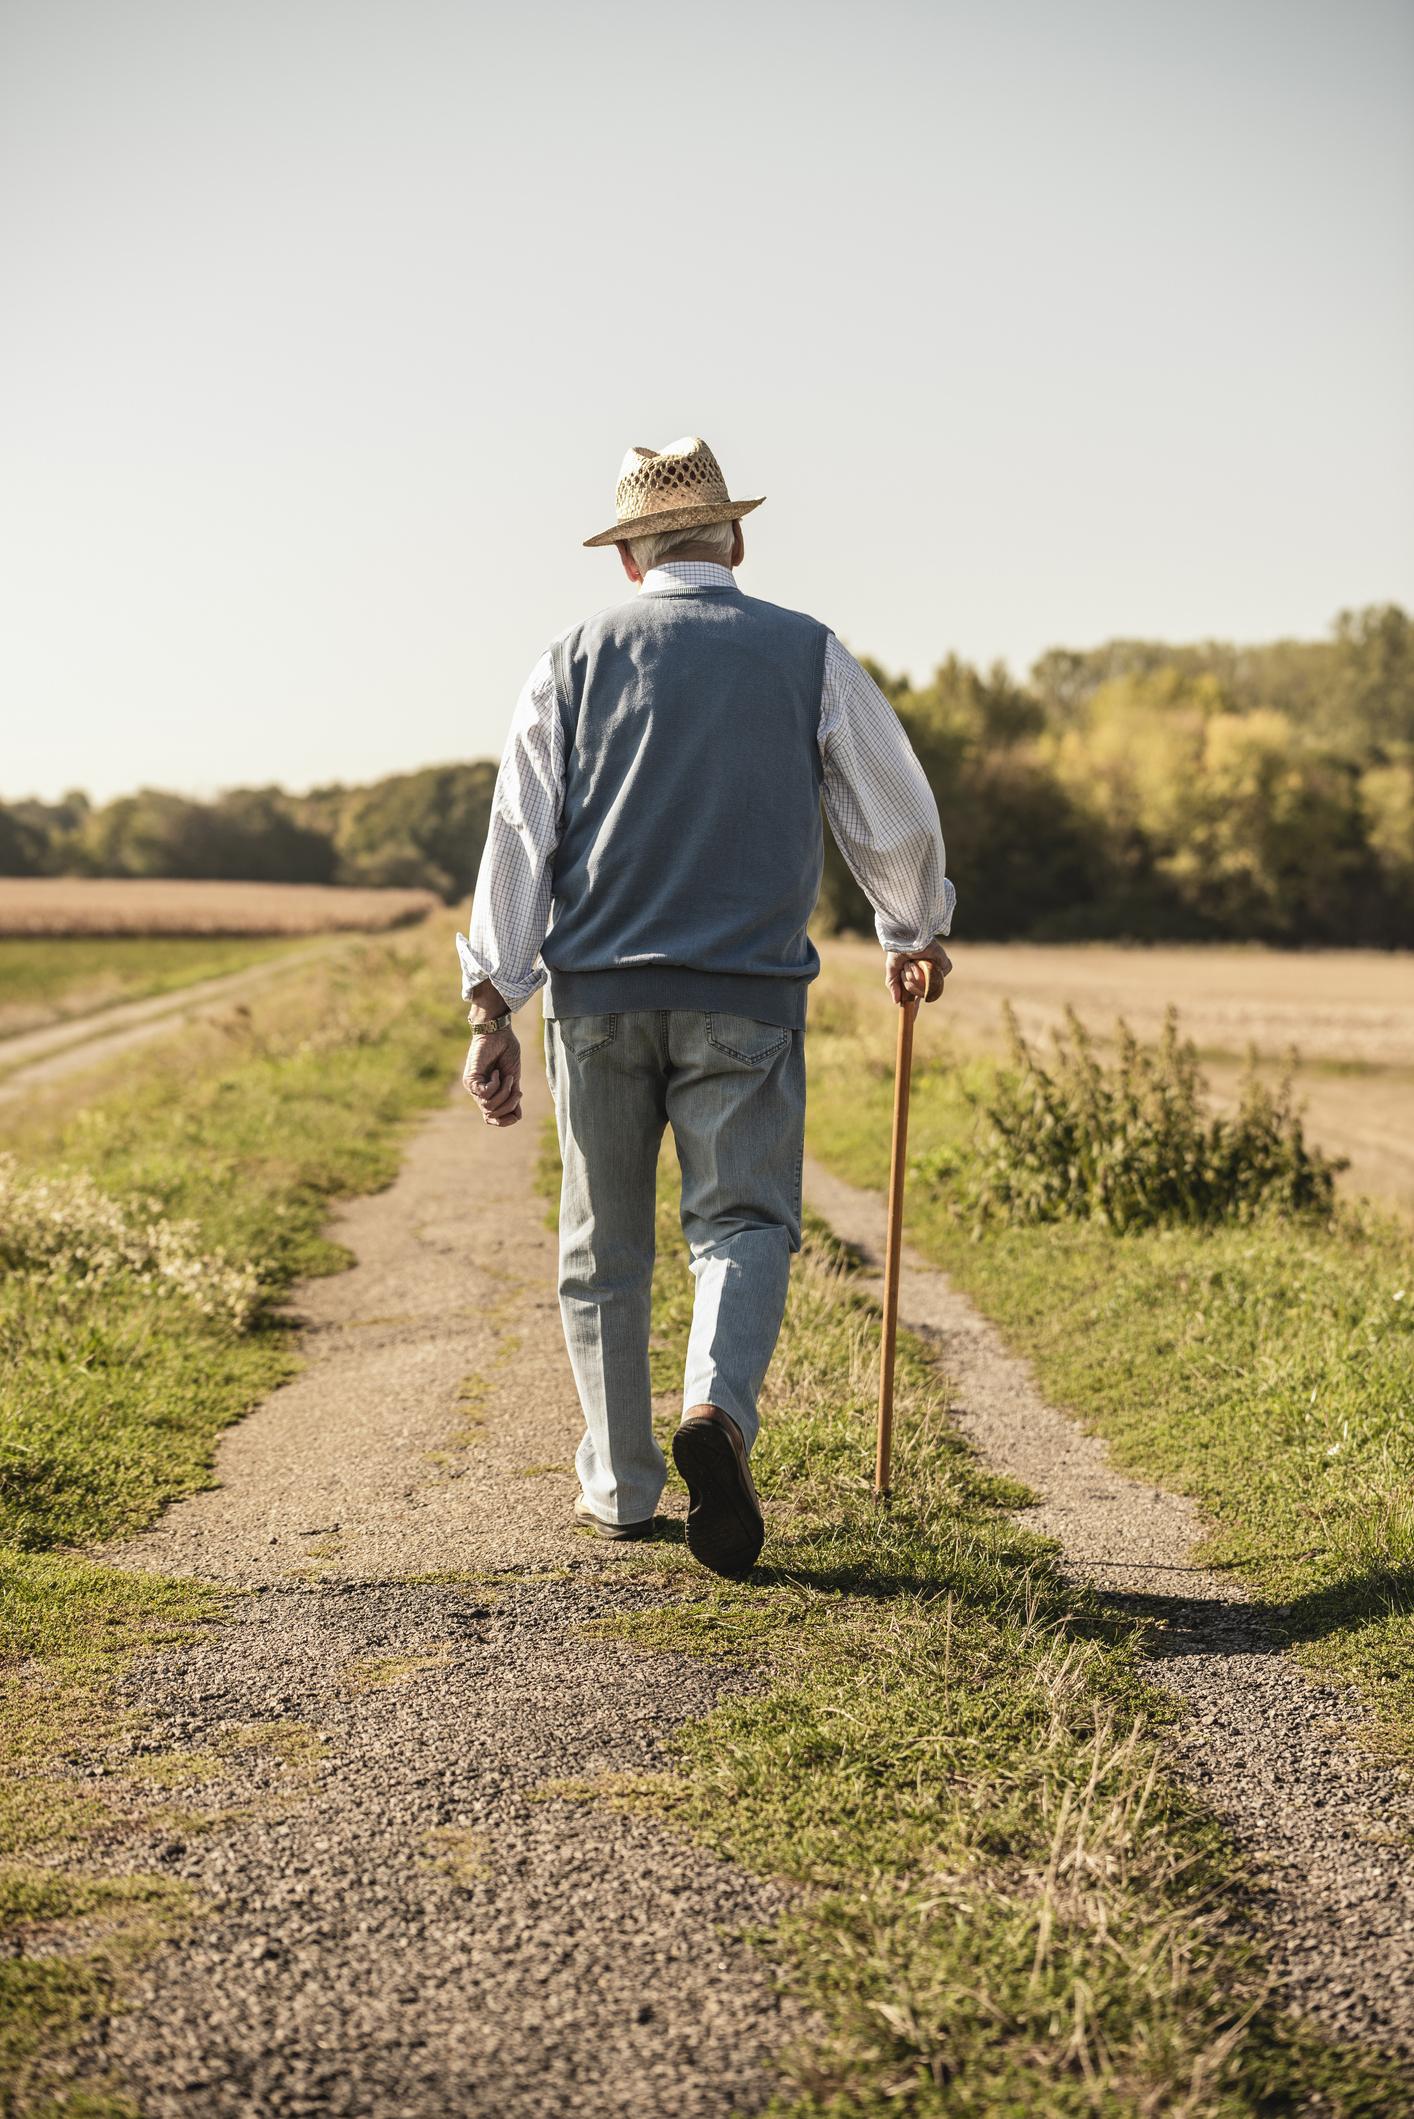 El paseo debe ser corto, fácil y seguro. Foto Getty.